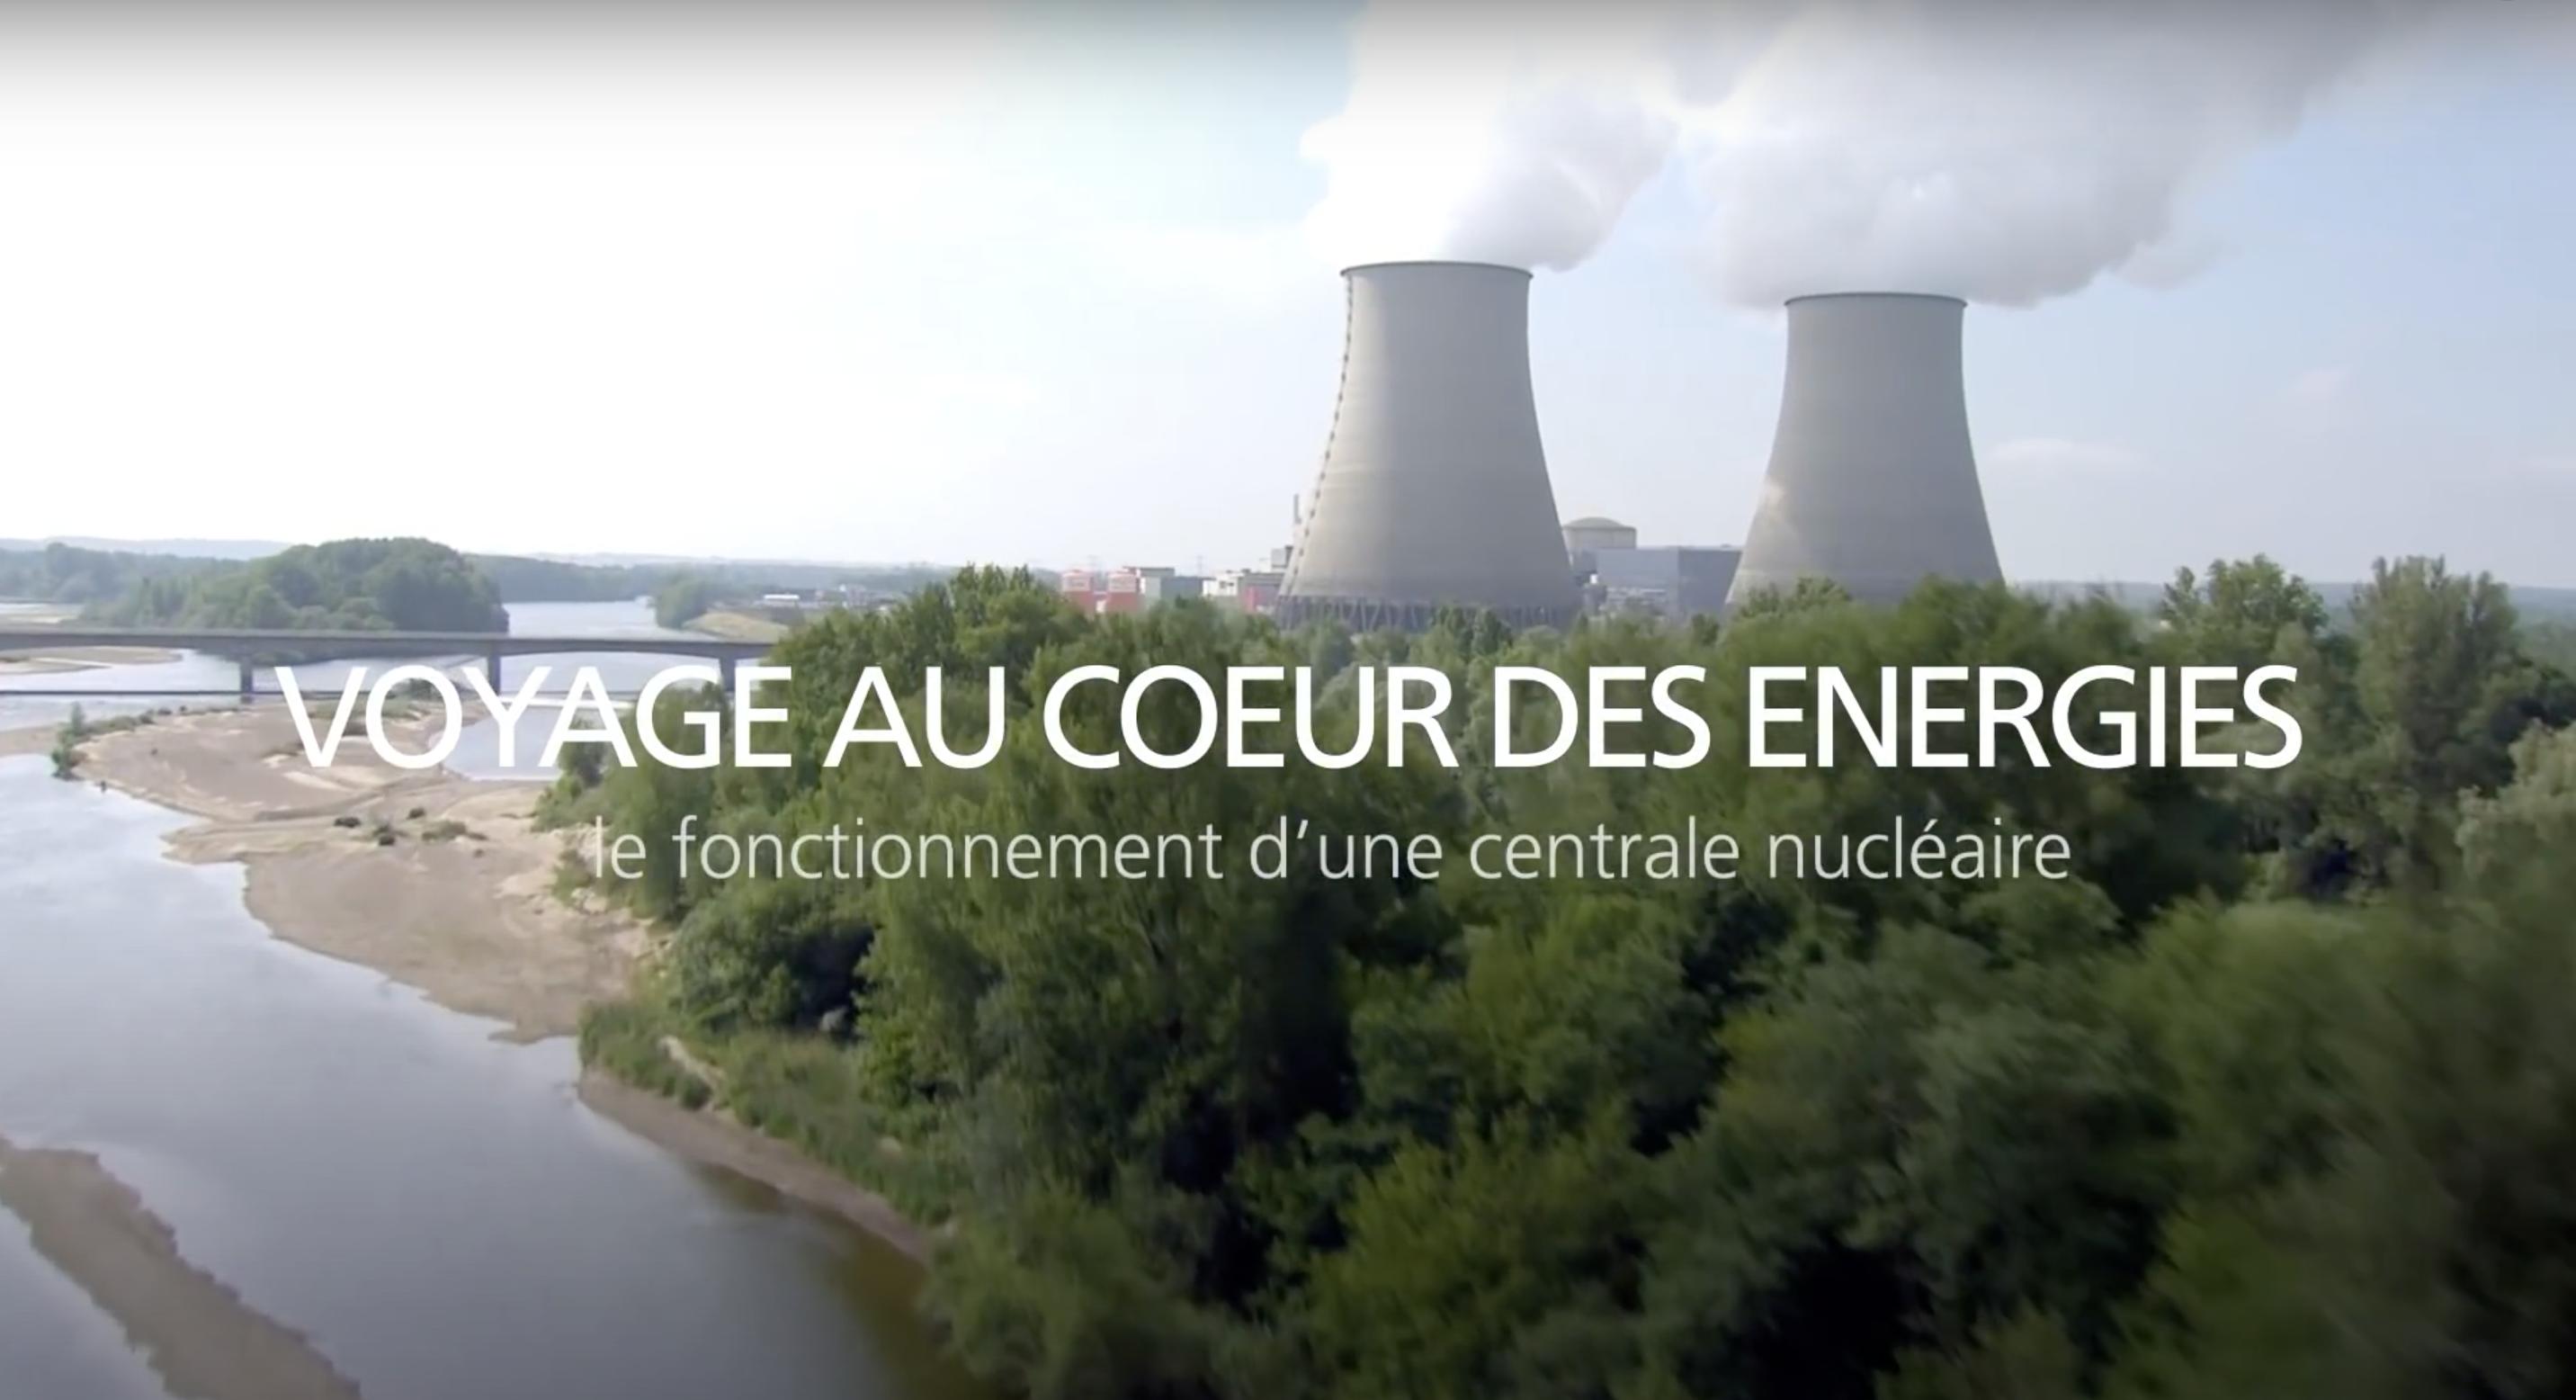 Fonctionnement d'une centrale nucléaire (vidéo)